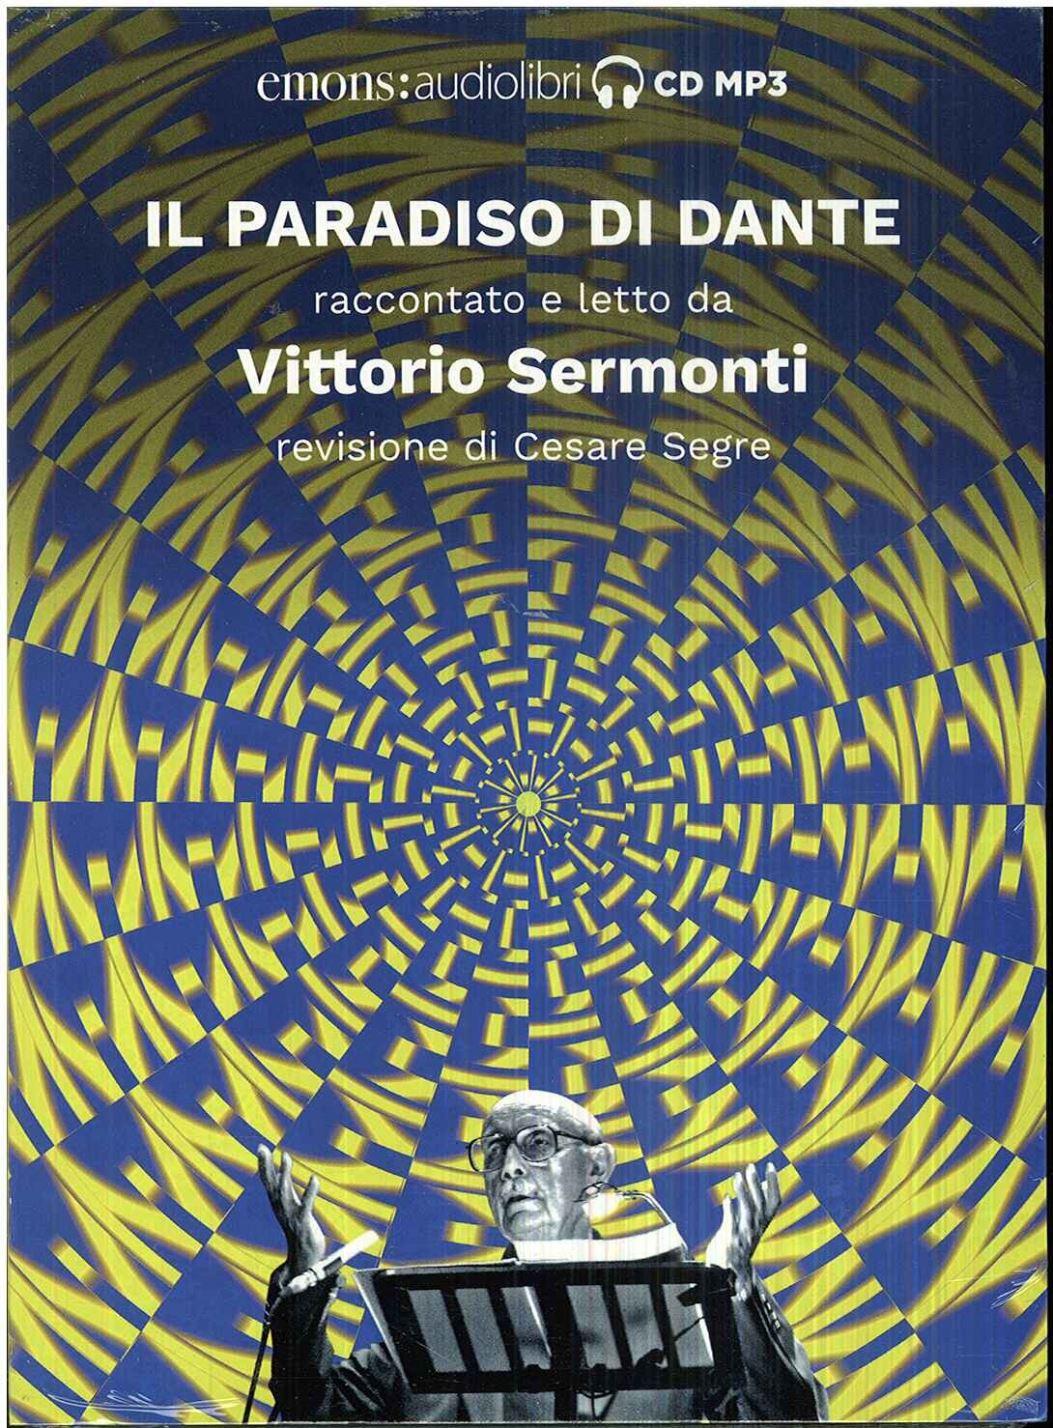 Il Paradiso Di Dante Vittorio Sermonti Emons 9788869862984 Tabook